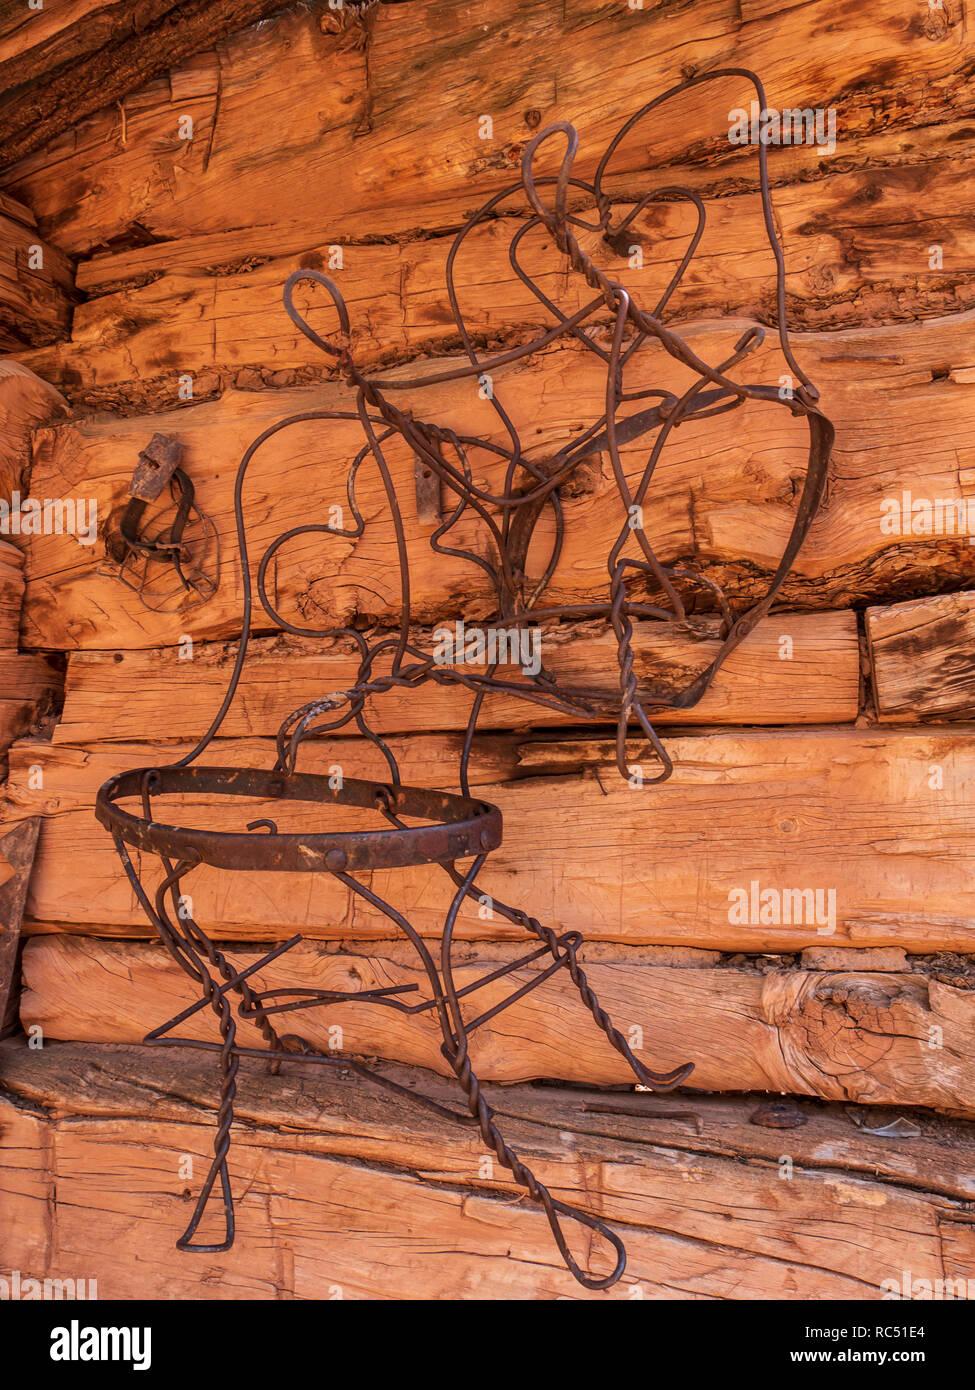 Rock Creek Ranch, Desolation Canyon north of Green River, Utah. - Stock Image